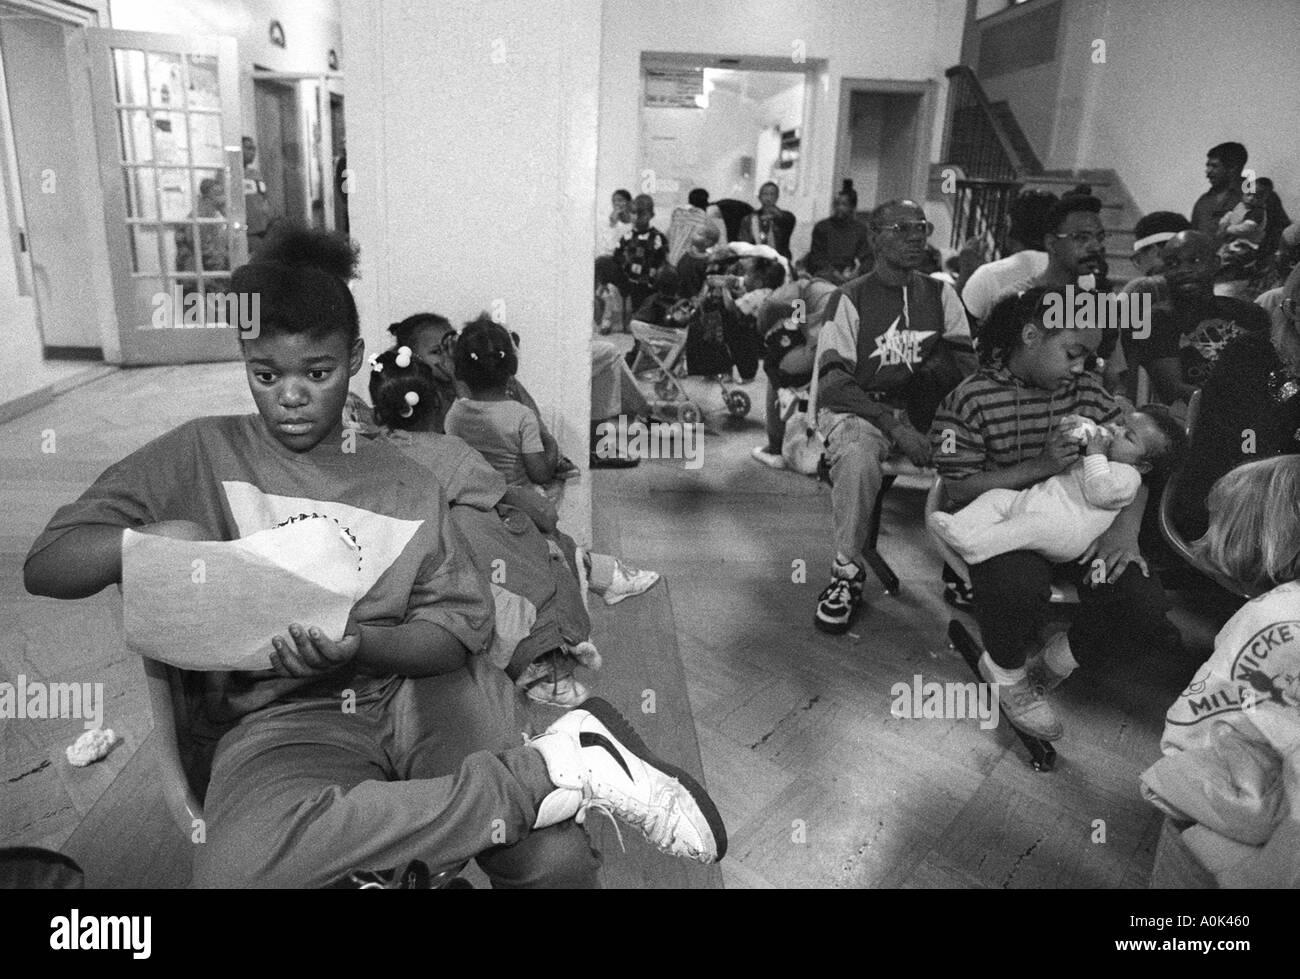 homeless shelter black and white stock photos images alamy rh alamy com